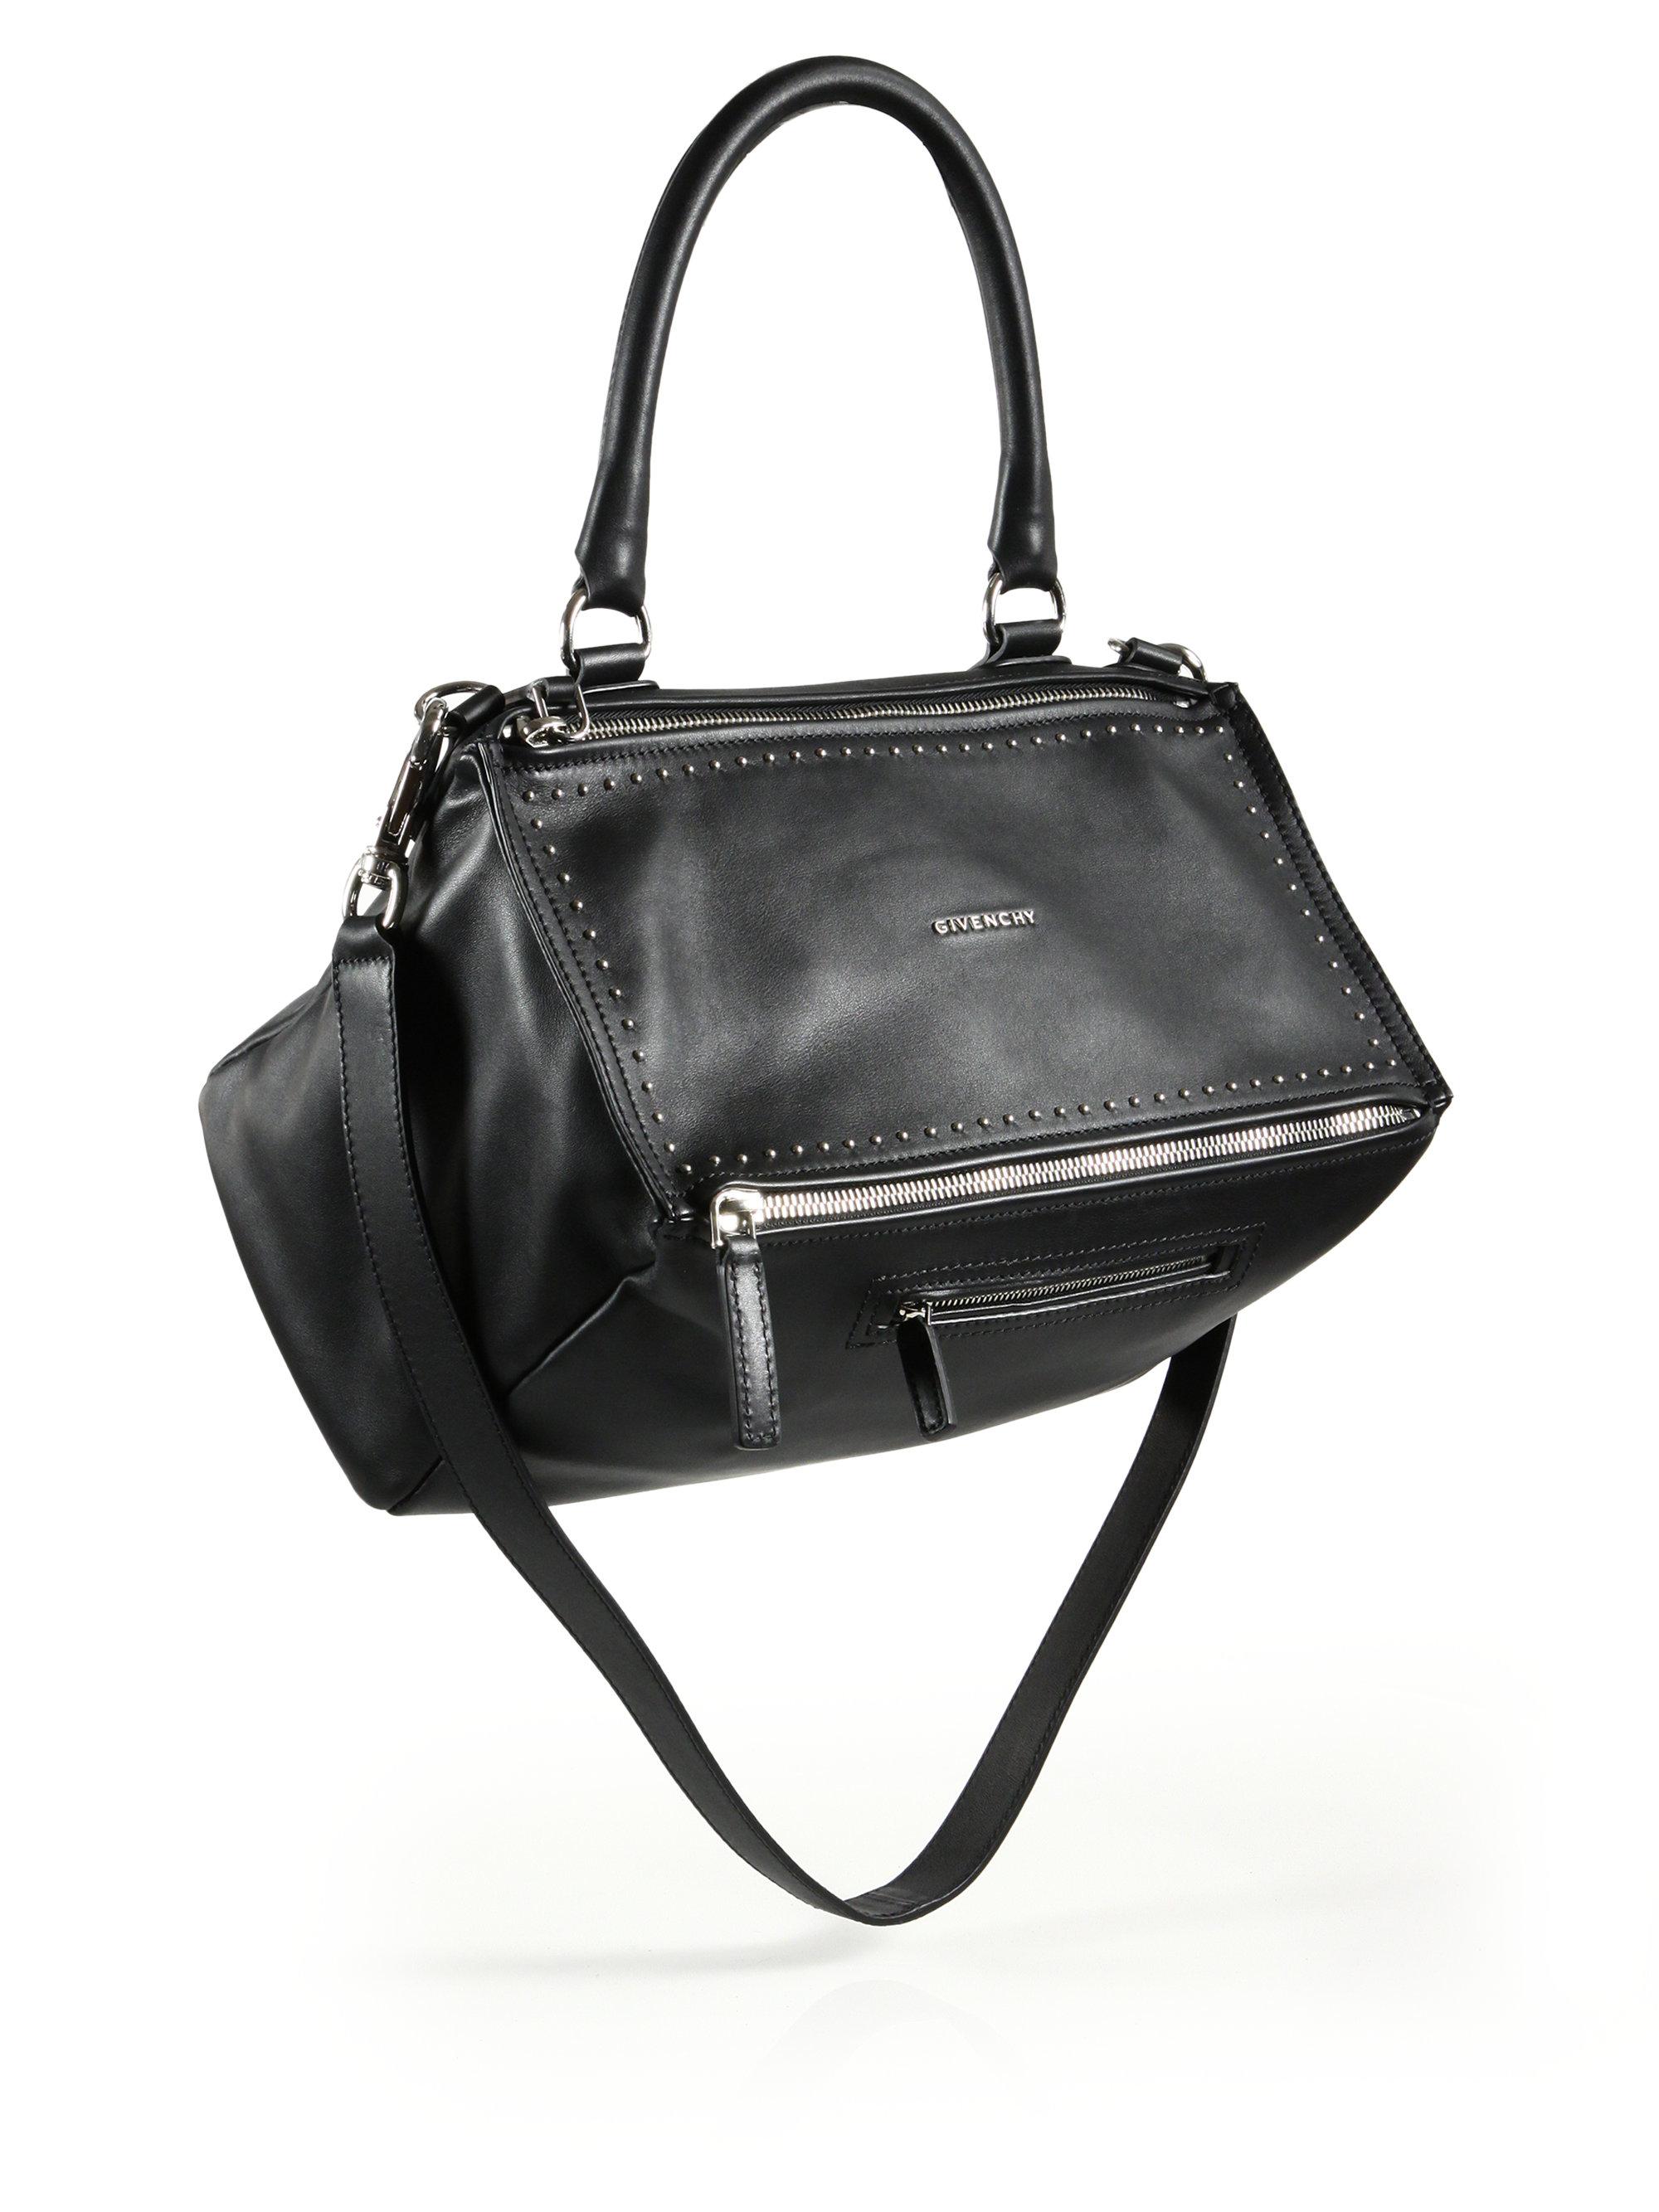 3c69f8b7b6b3 Lyst - Givenchy Pandora Medium Studded Leather Shoulder Bag in Black